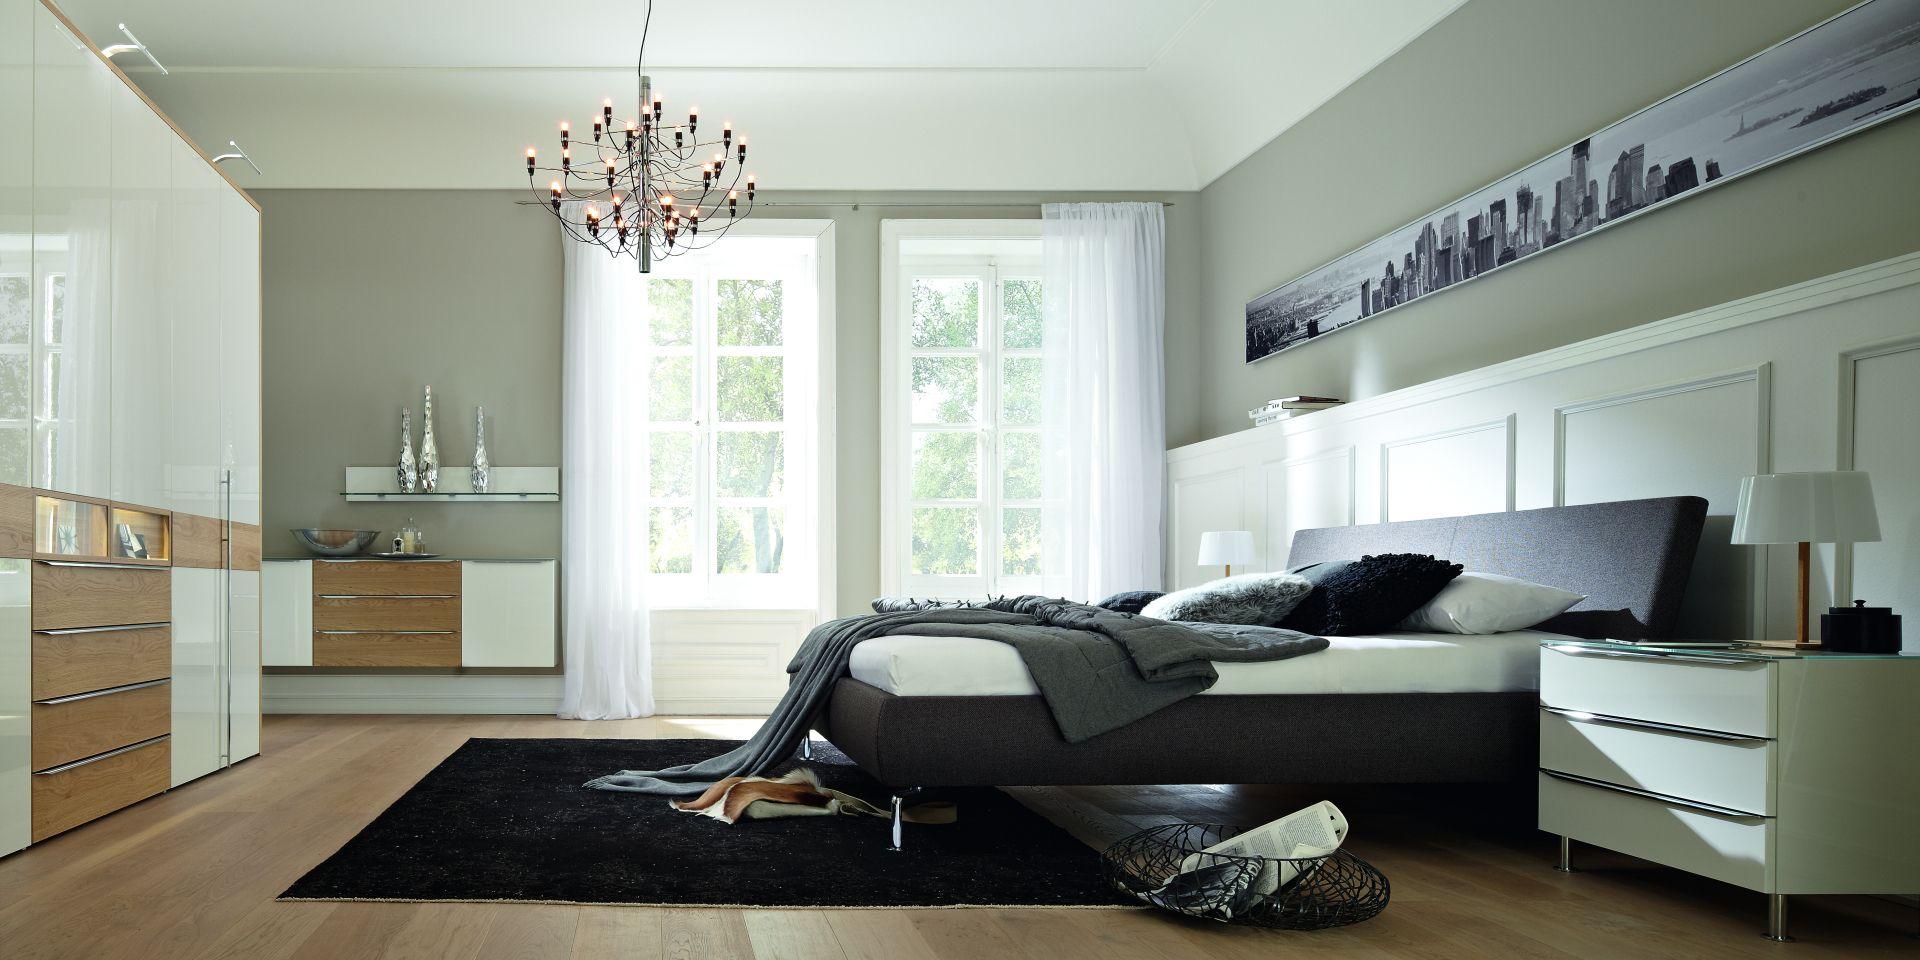 elegantes schlafzimmer in grau t nen. Black Bedroom Furniture Sets. Home Design Ideas